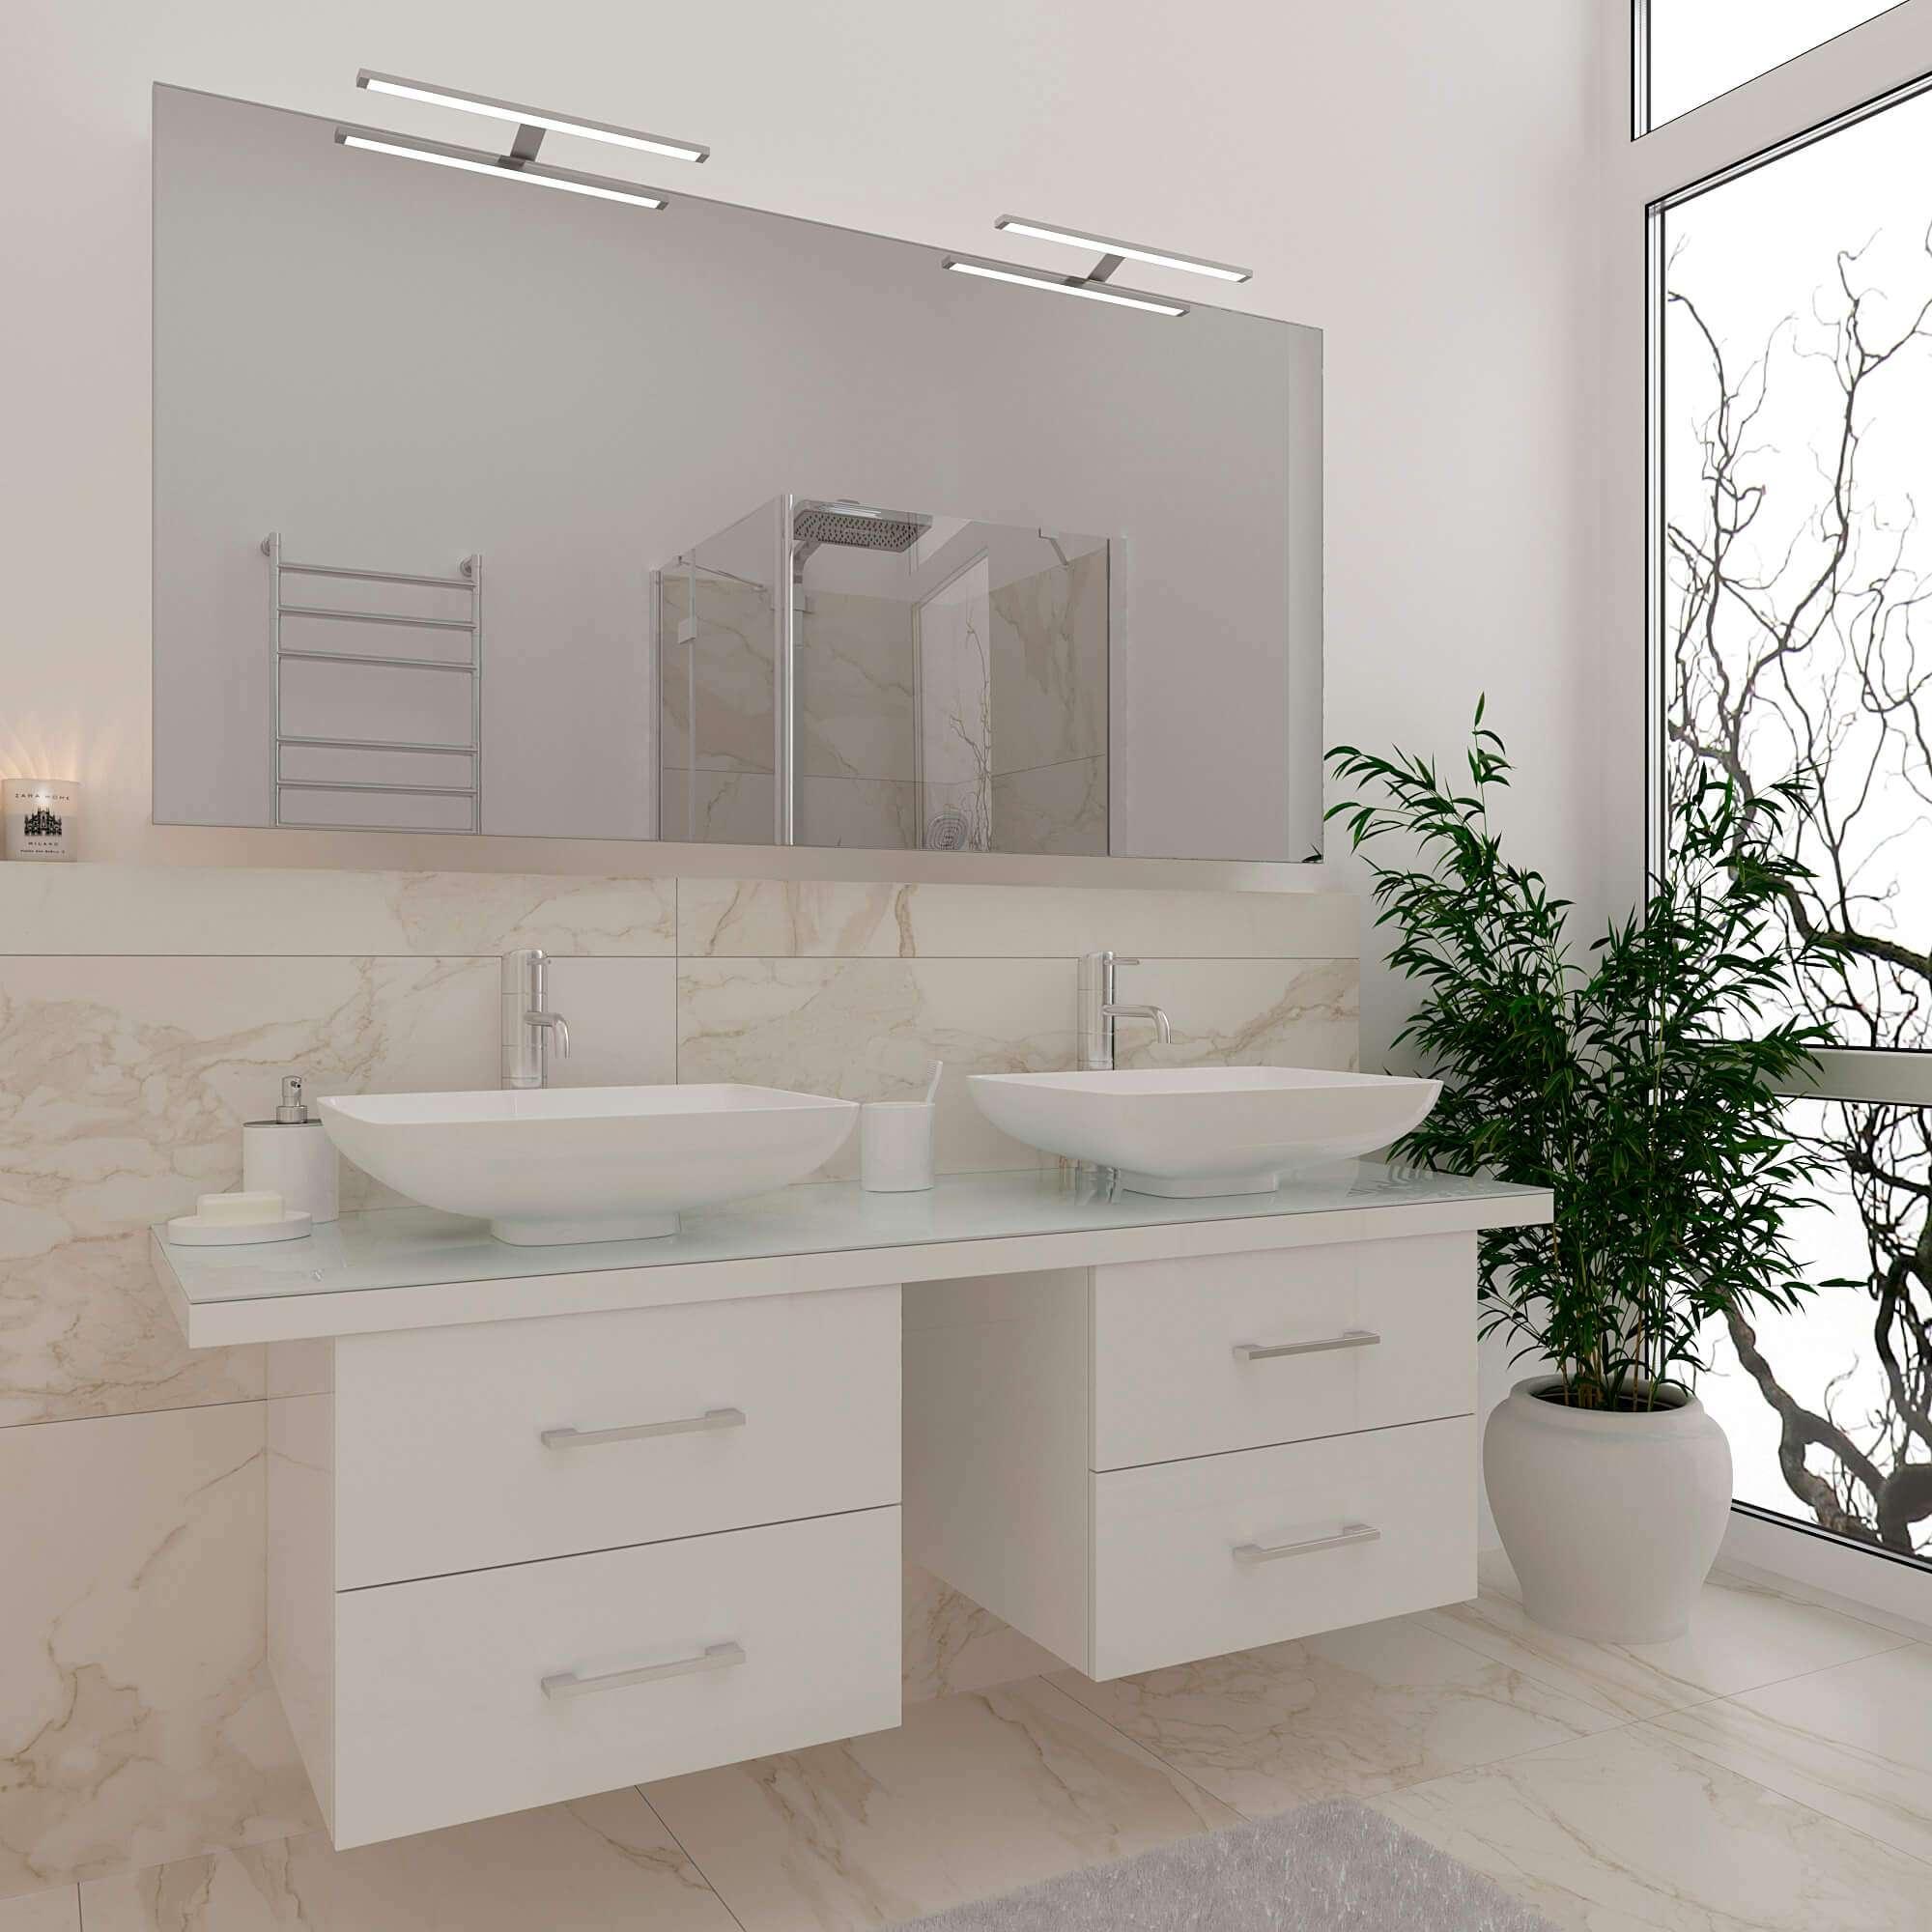 Комплект мебели в стиле модерн на 2 умывальника MATTIAS (Маттиас) Marsan (Марсан), в белом цвете.